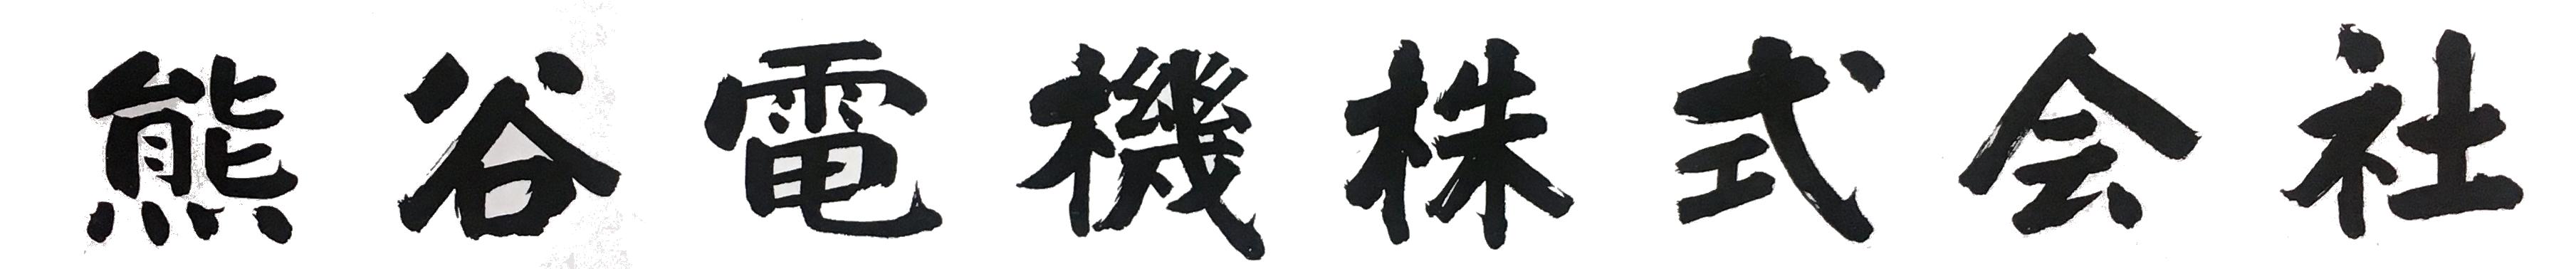 熊谷電機株式会社